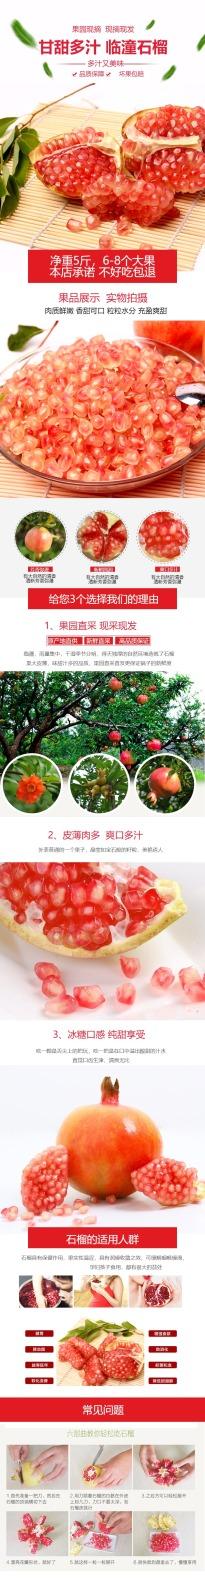 清新简约百货零售生鲜水果石榴促销电商详情页